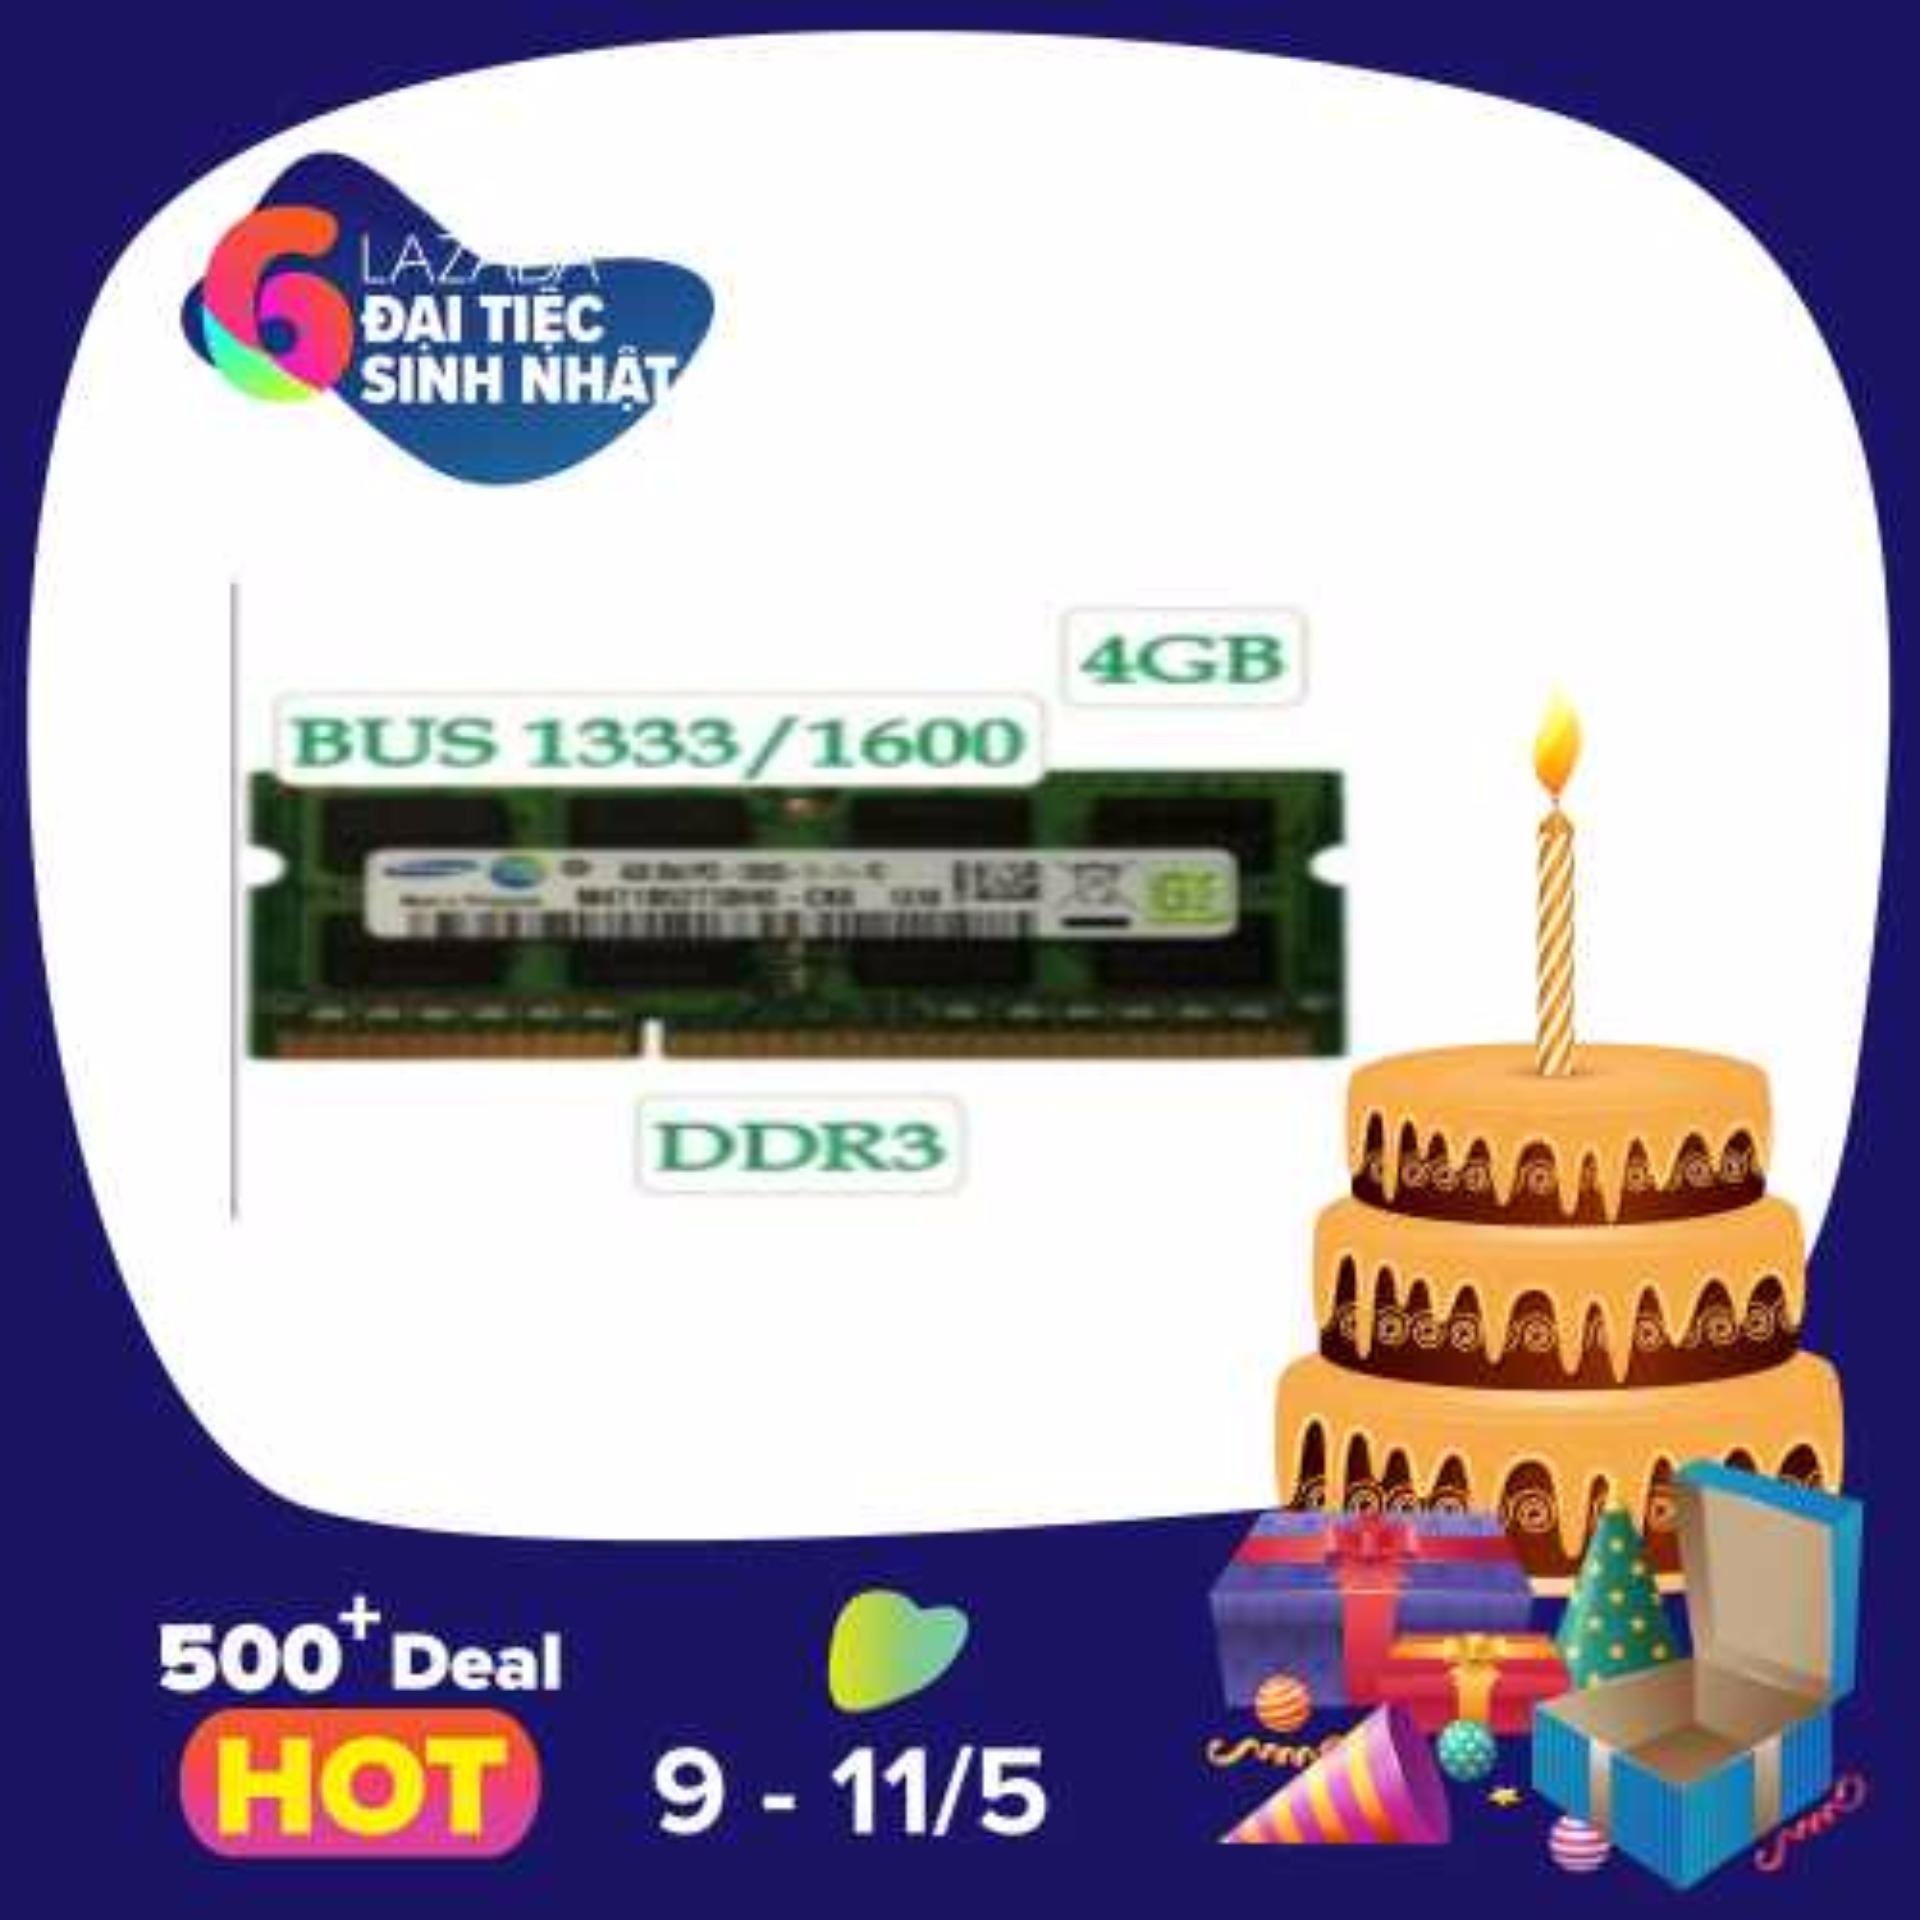 Bán Ram Laptop Samsung Ddr3 4Gb Bus 1333 1600 Có Thương Hiệu Rẻ